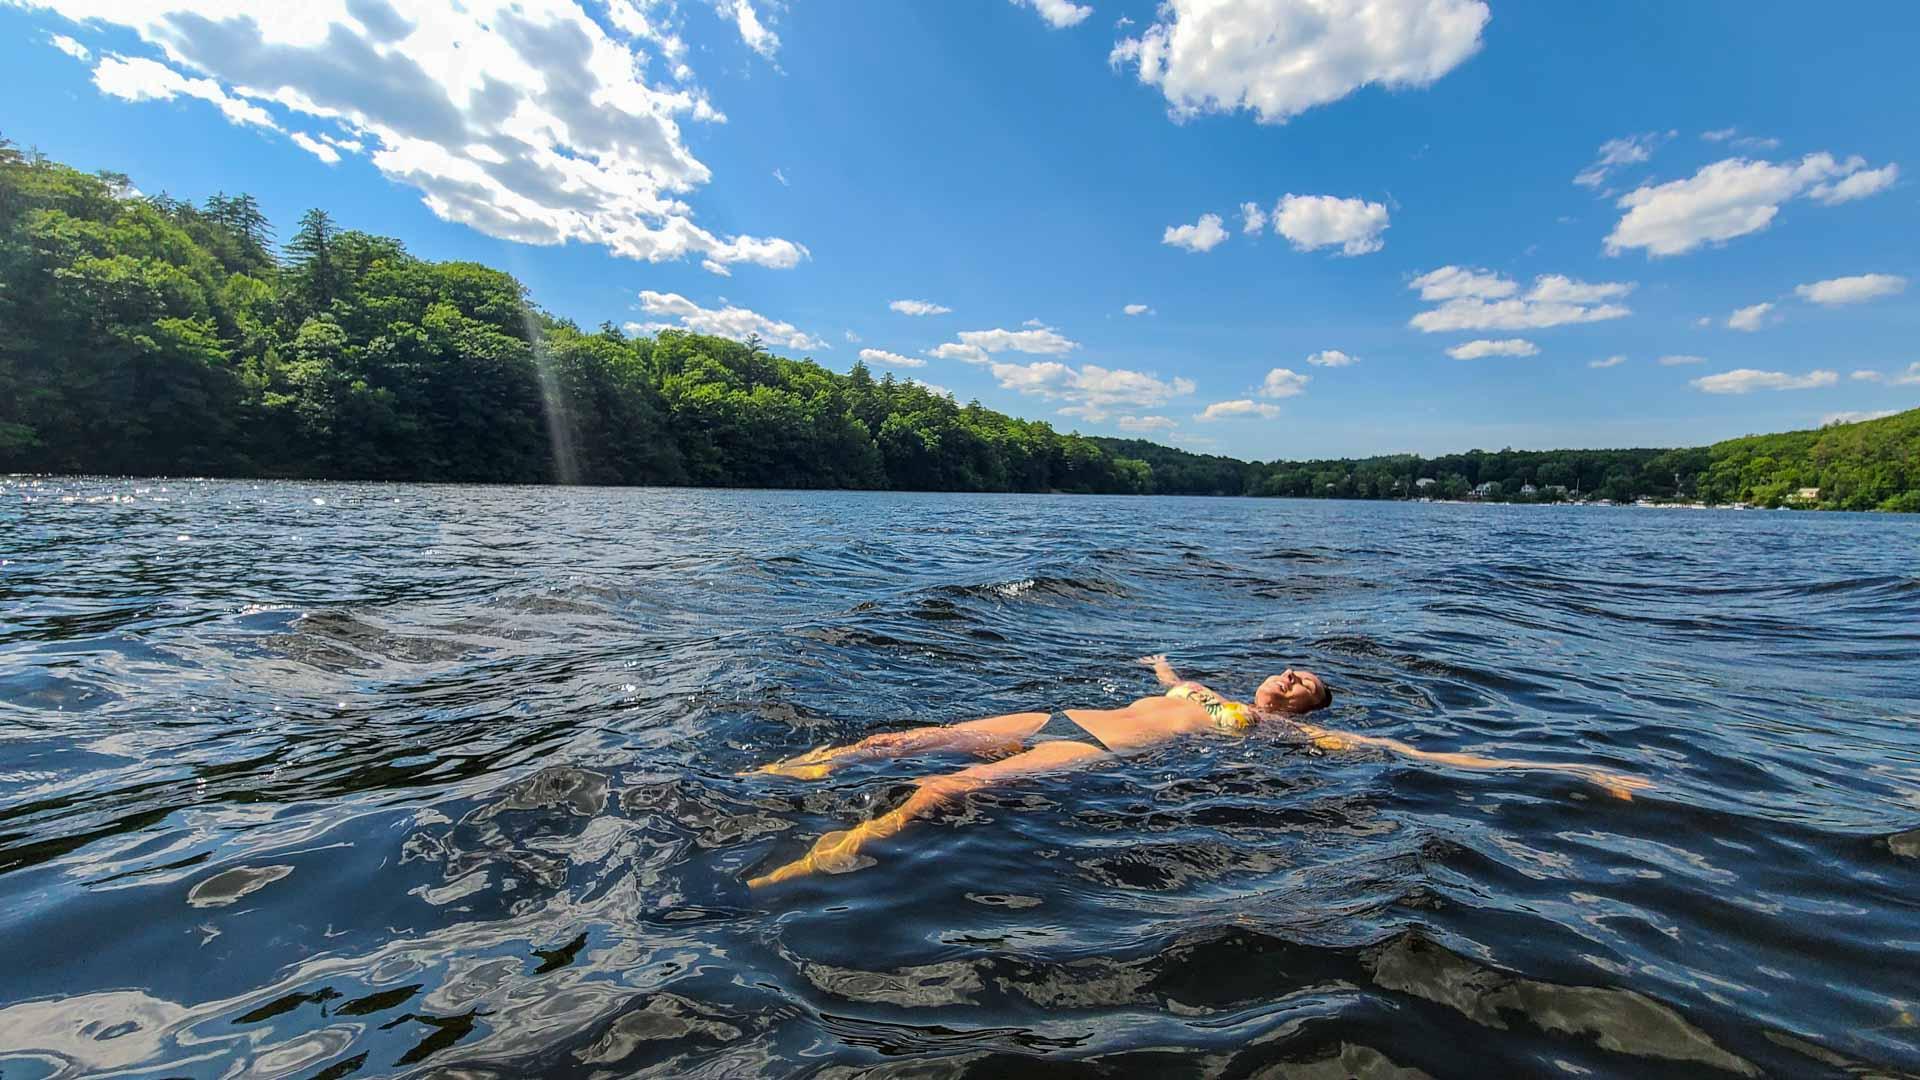 Disfrutando del baño en el río Hudson, Lake Luzerne, Nueva York